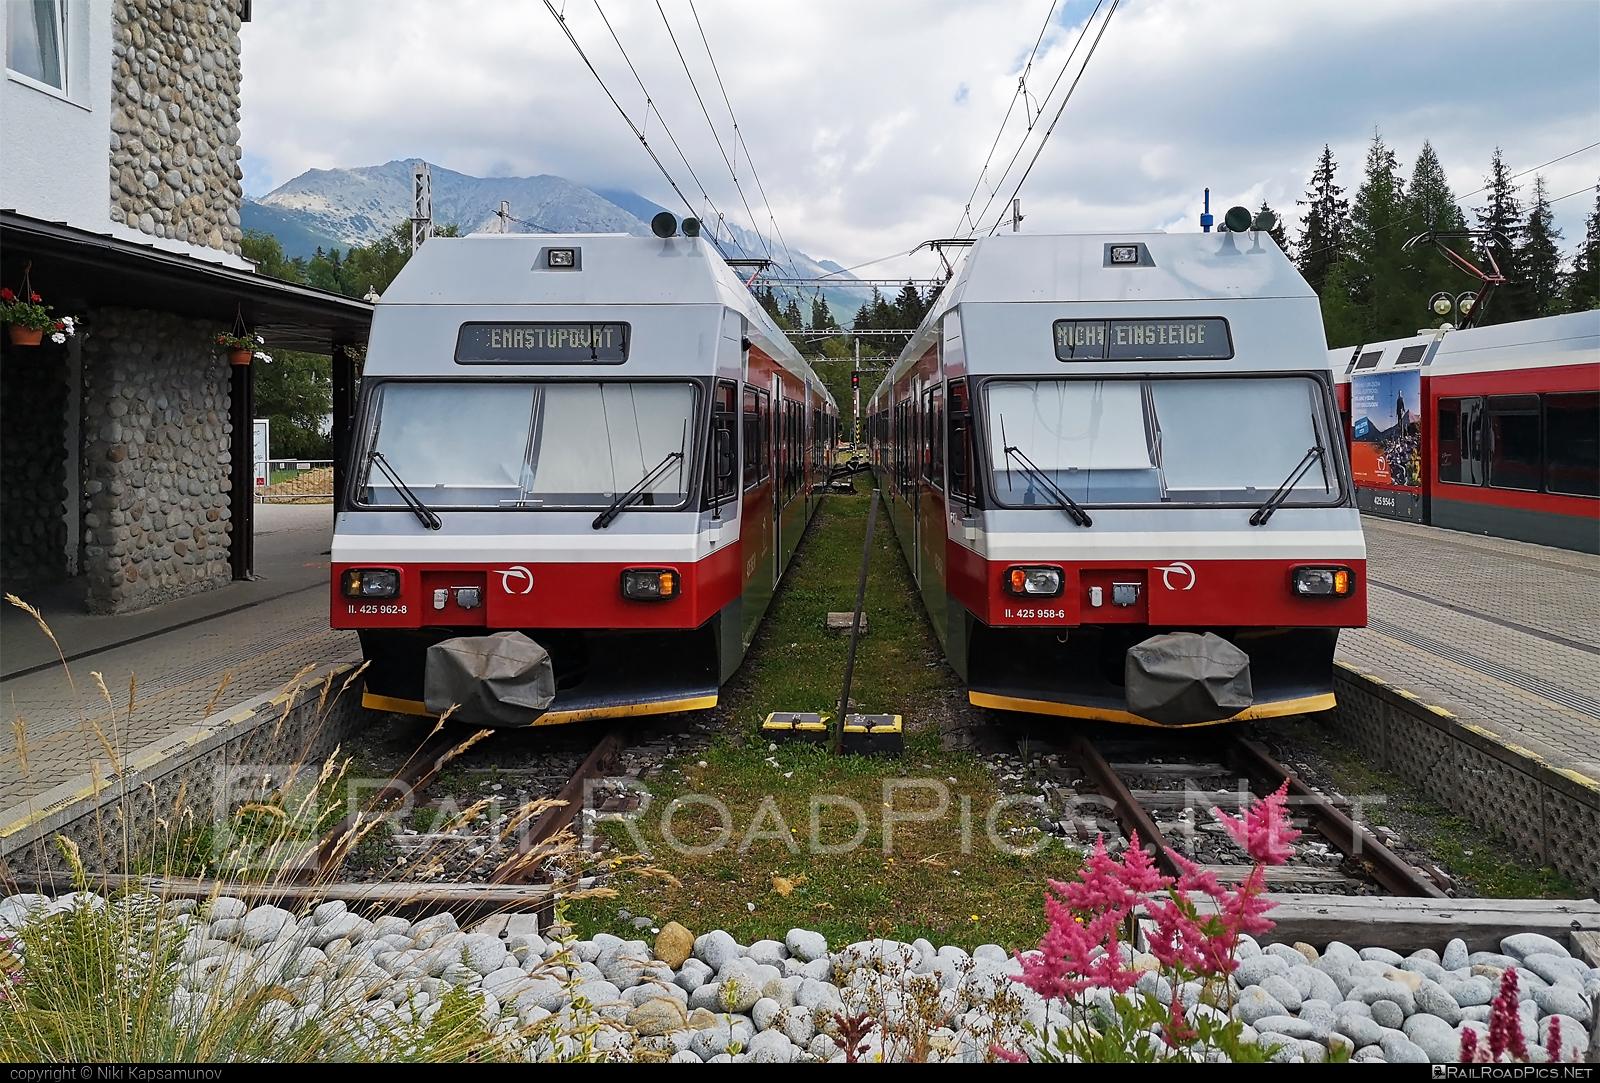 GTW Vysoké Tatry Class 425.95 - 425 958-6 operated by Železničná Spoločnost' Slovensko, a.s. #ZeleznicnaSpolocnostSlovensko #gtw26 #gtwvysoketatry #narrowgauge #zssk #zssk425 #zssk42595